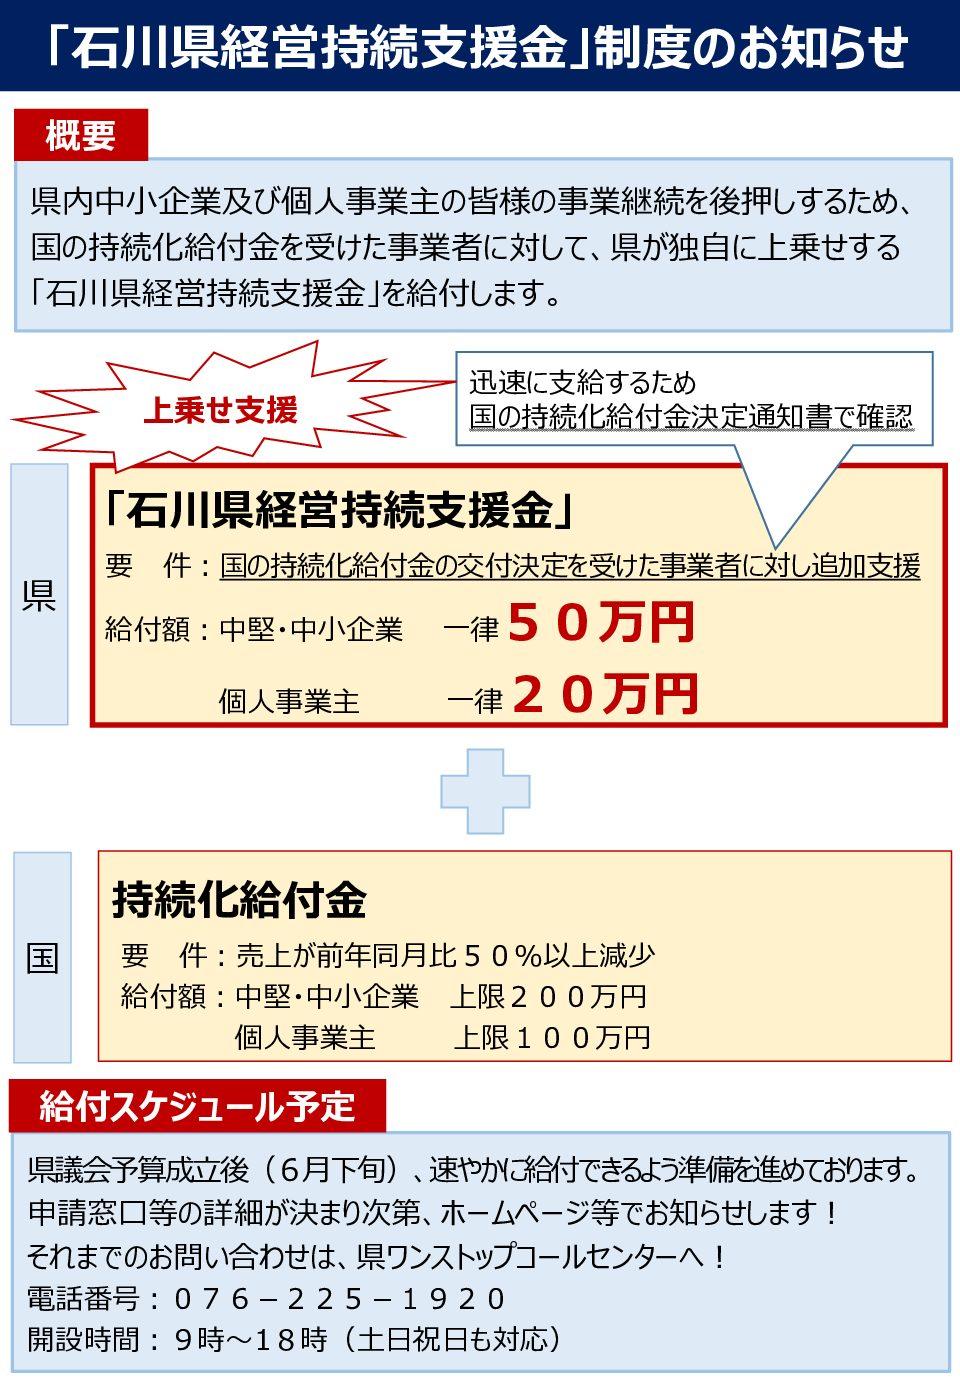 者 コロナ 今日 石川 県 感染